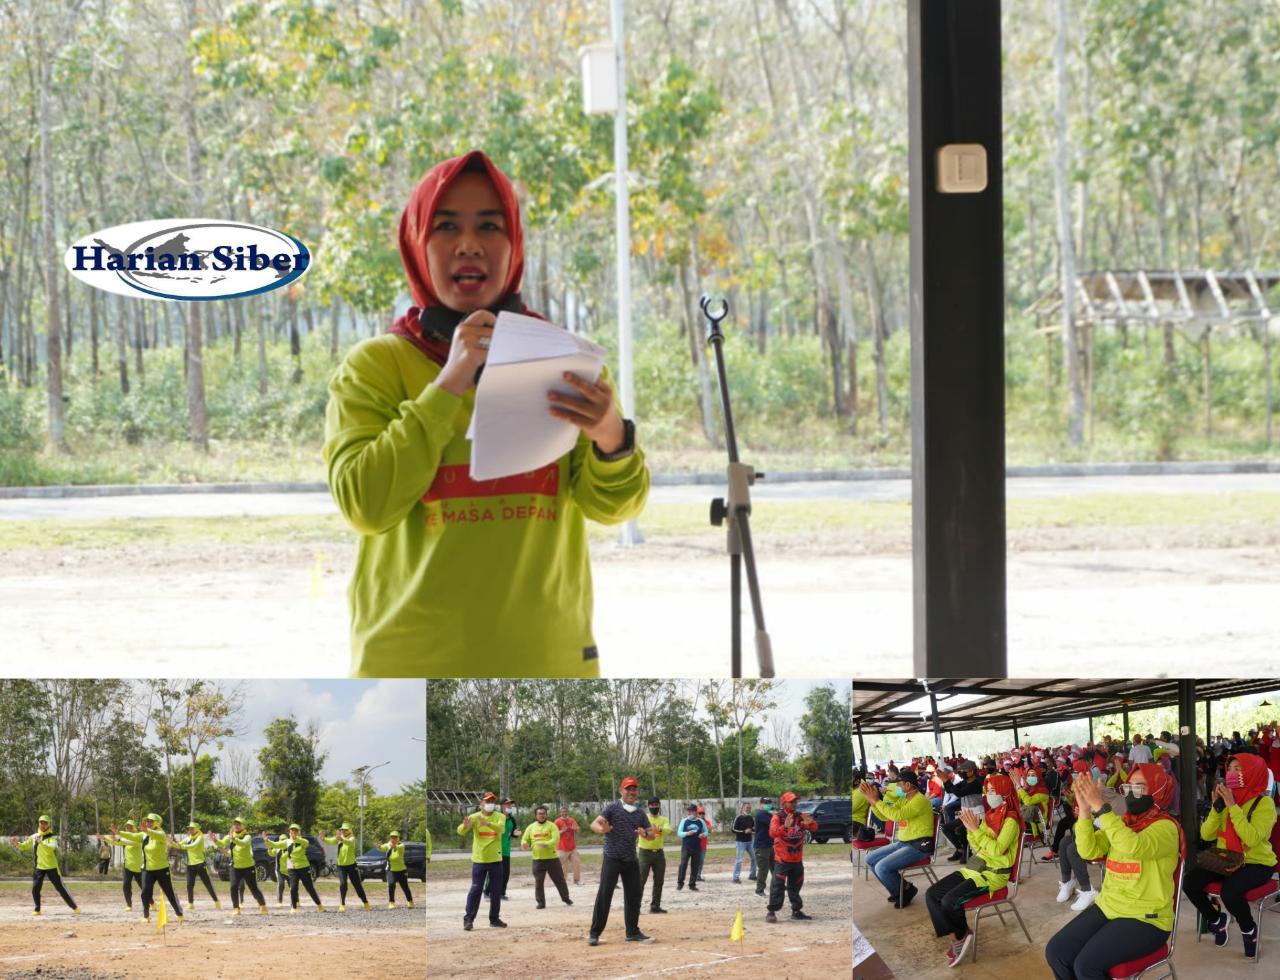 Perwosi Tubaba Gelar Lomba Senam Lampung Berjaya